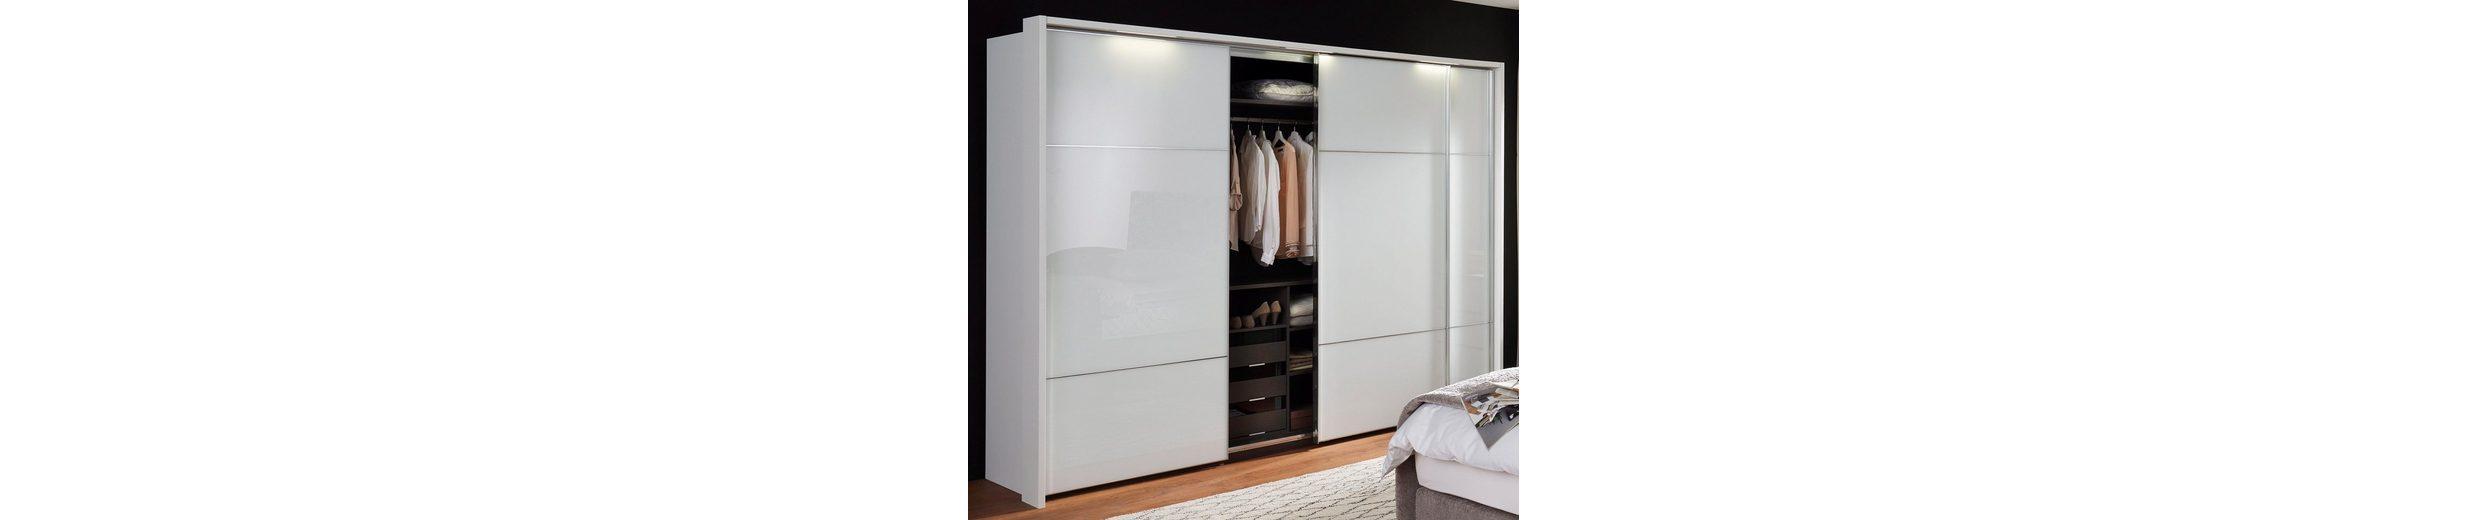 nolte® Möbel Schwebetürenschrank »Marcato«, mit Fronten aus Weißglas